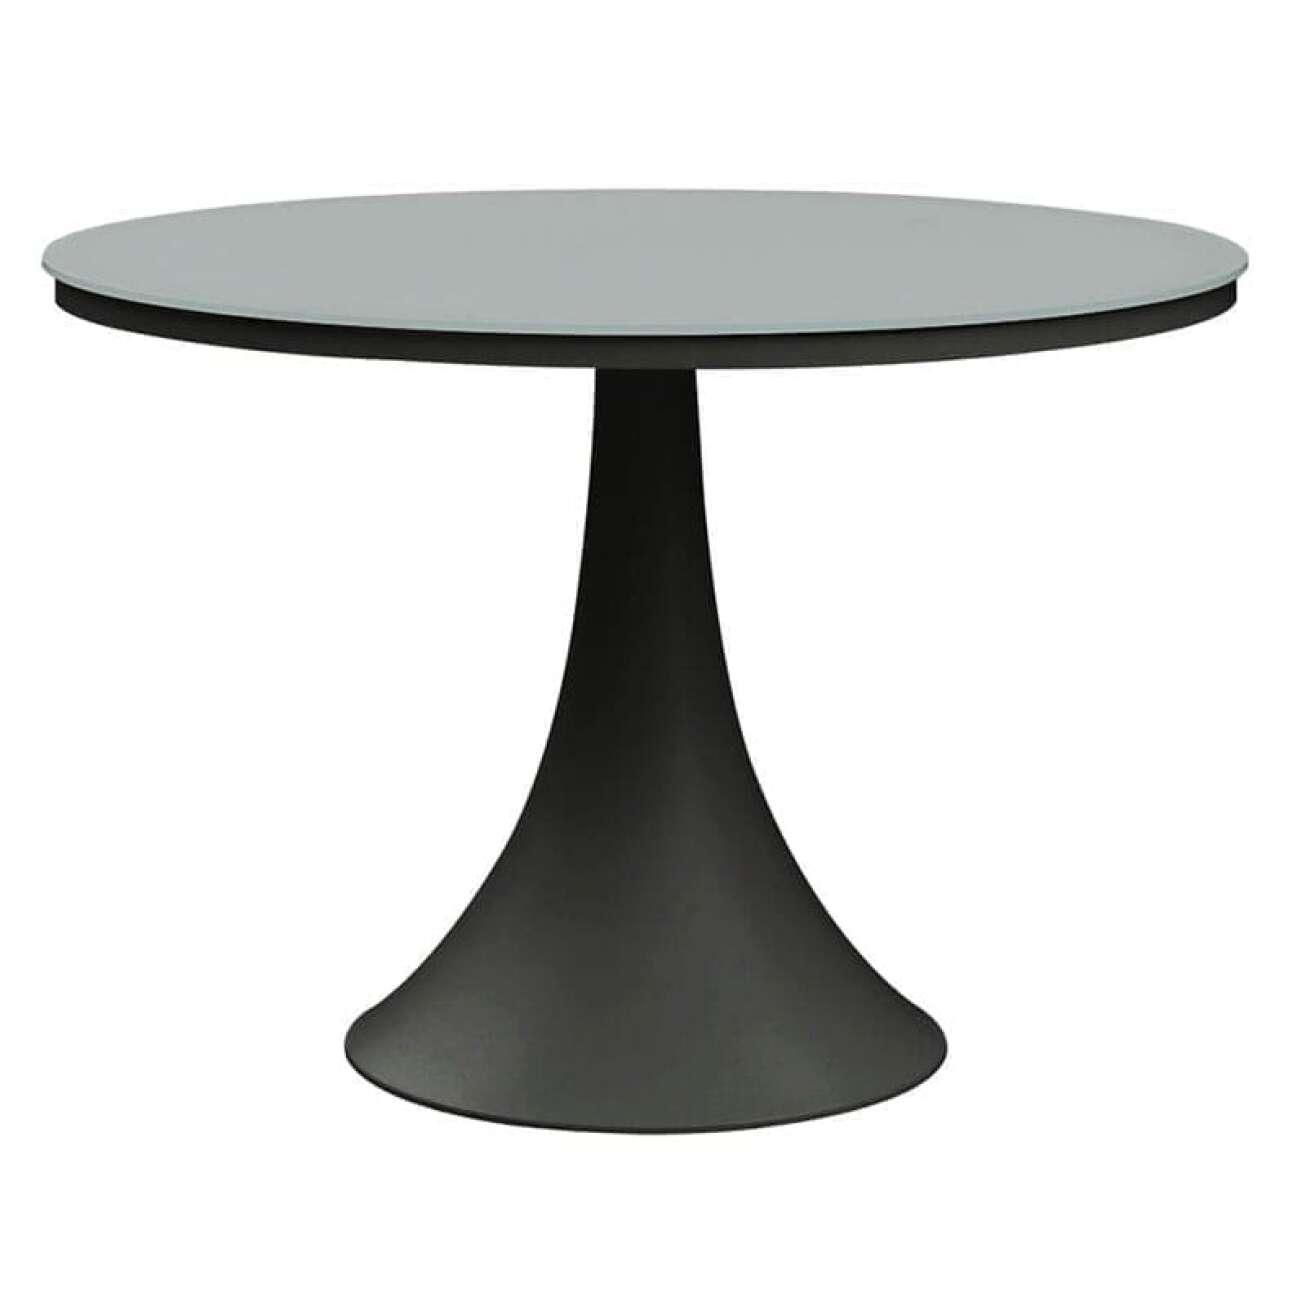 Gardenart Rundt Spisebord 110 Cm I Aluminium/glass So (100521sort) Hagemøbler og utemøbler - Fine design